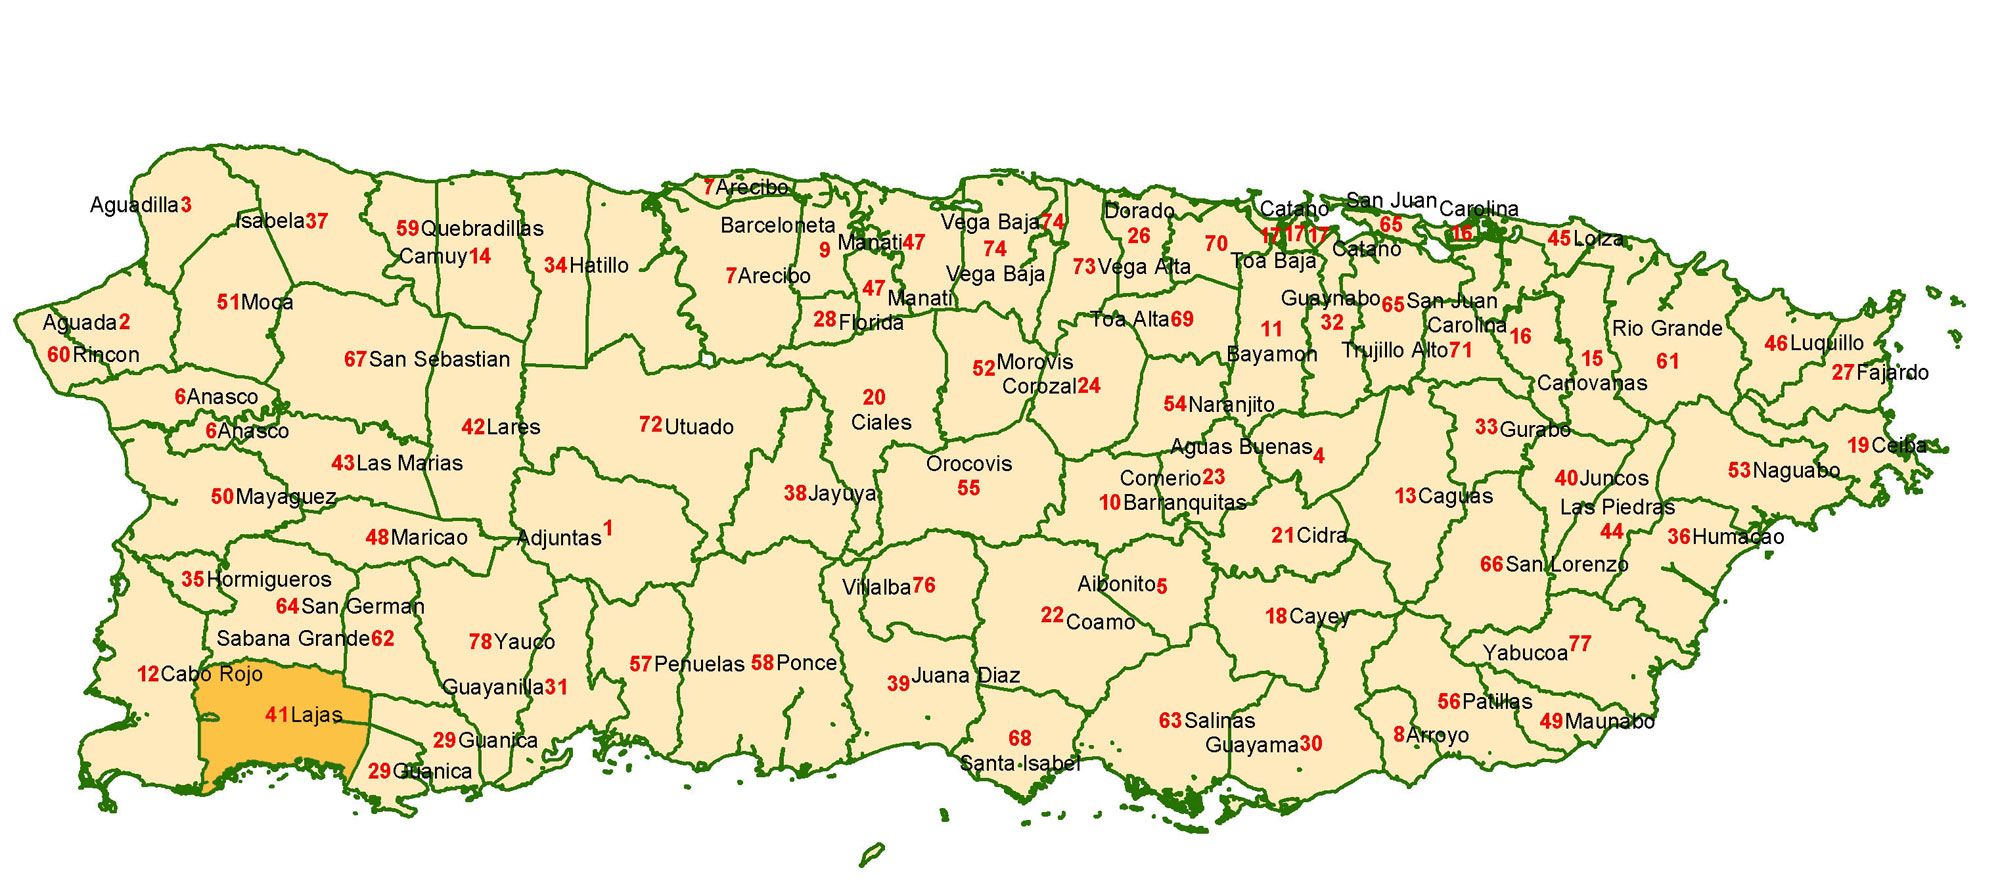 Mapa de Porto Rico